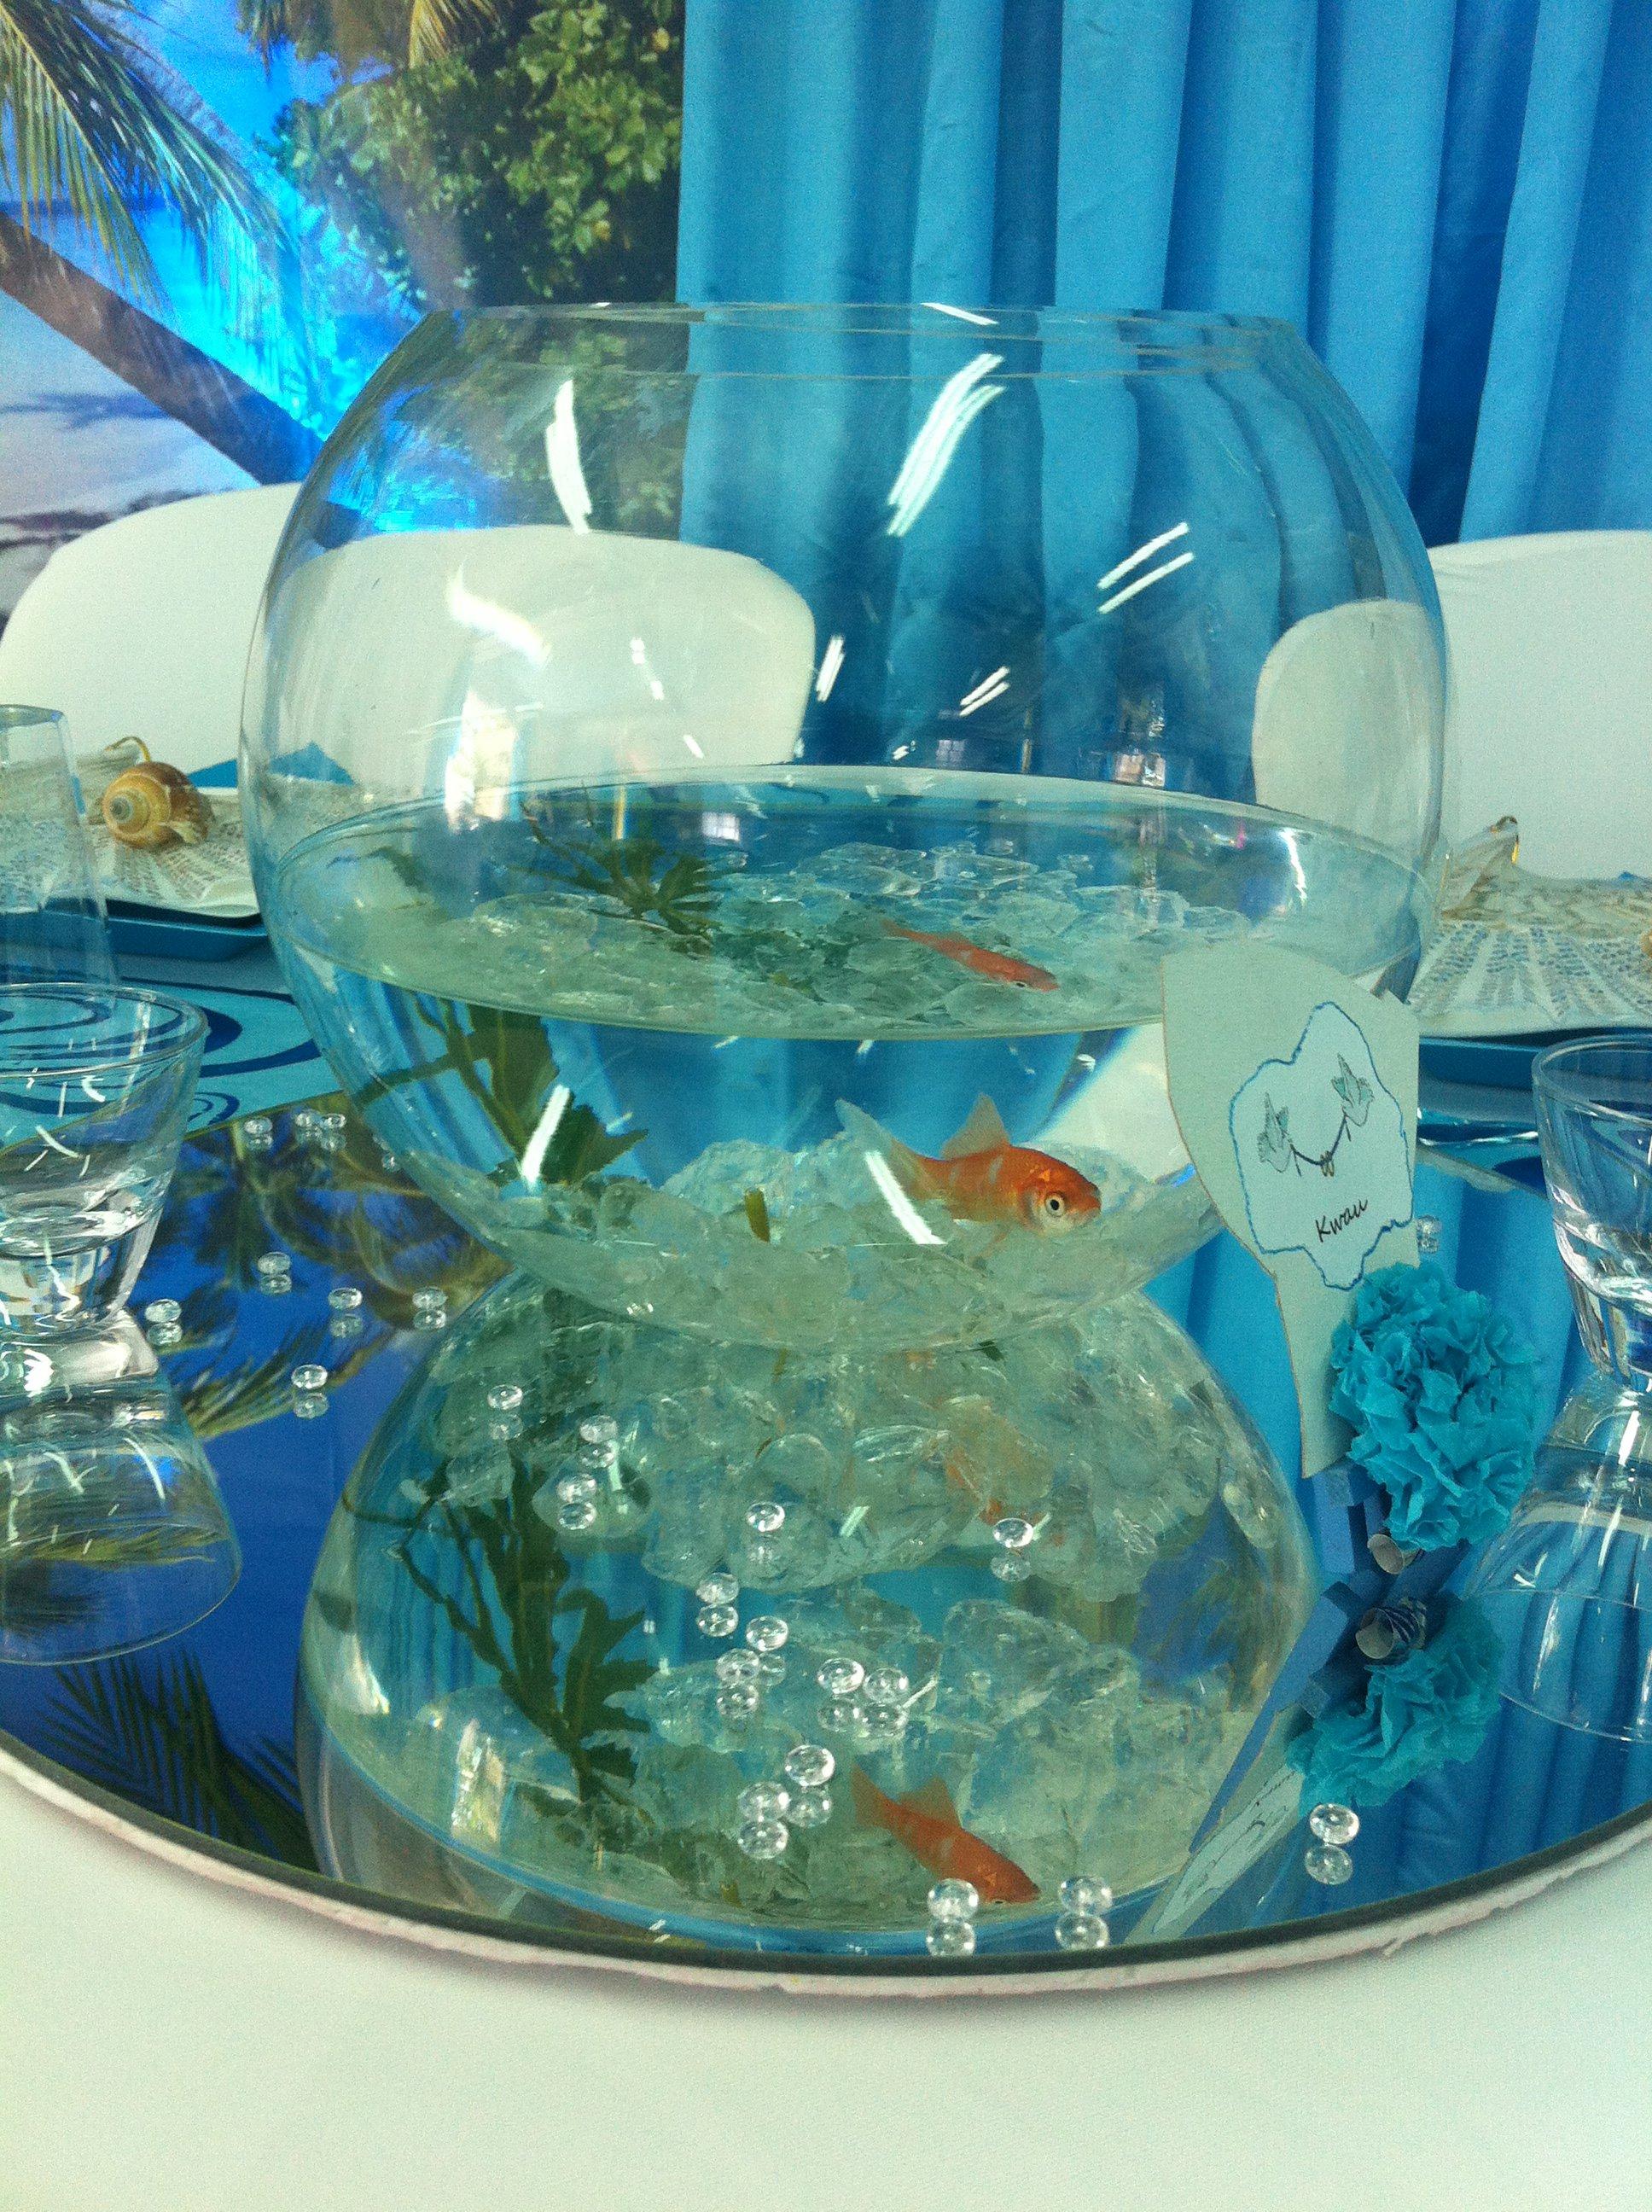 Mariage aquarium poisson centre de table theme exotique for Aquarium poisson rouge boule